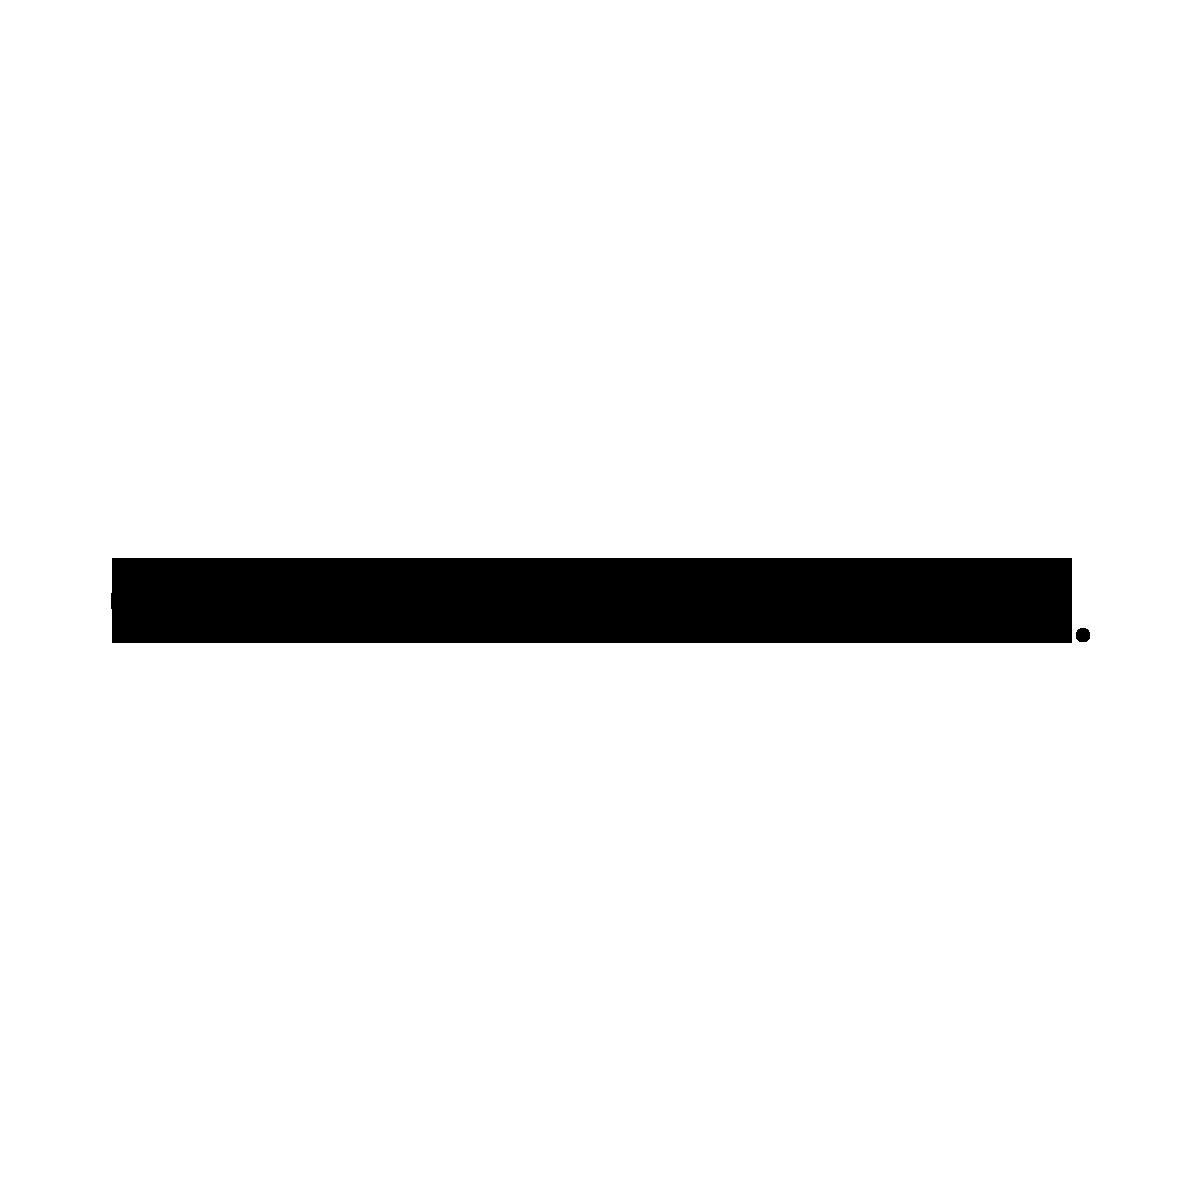 Kids-sneaker-white-leather-neoprene-sock-blue-28-till-35